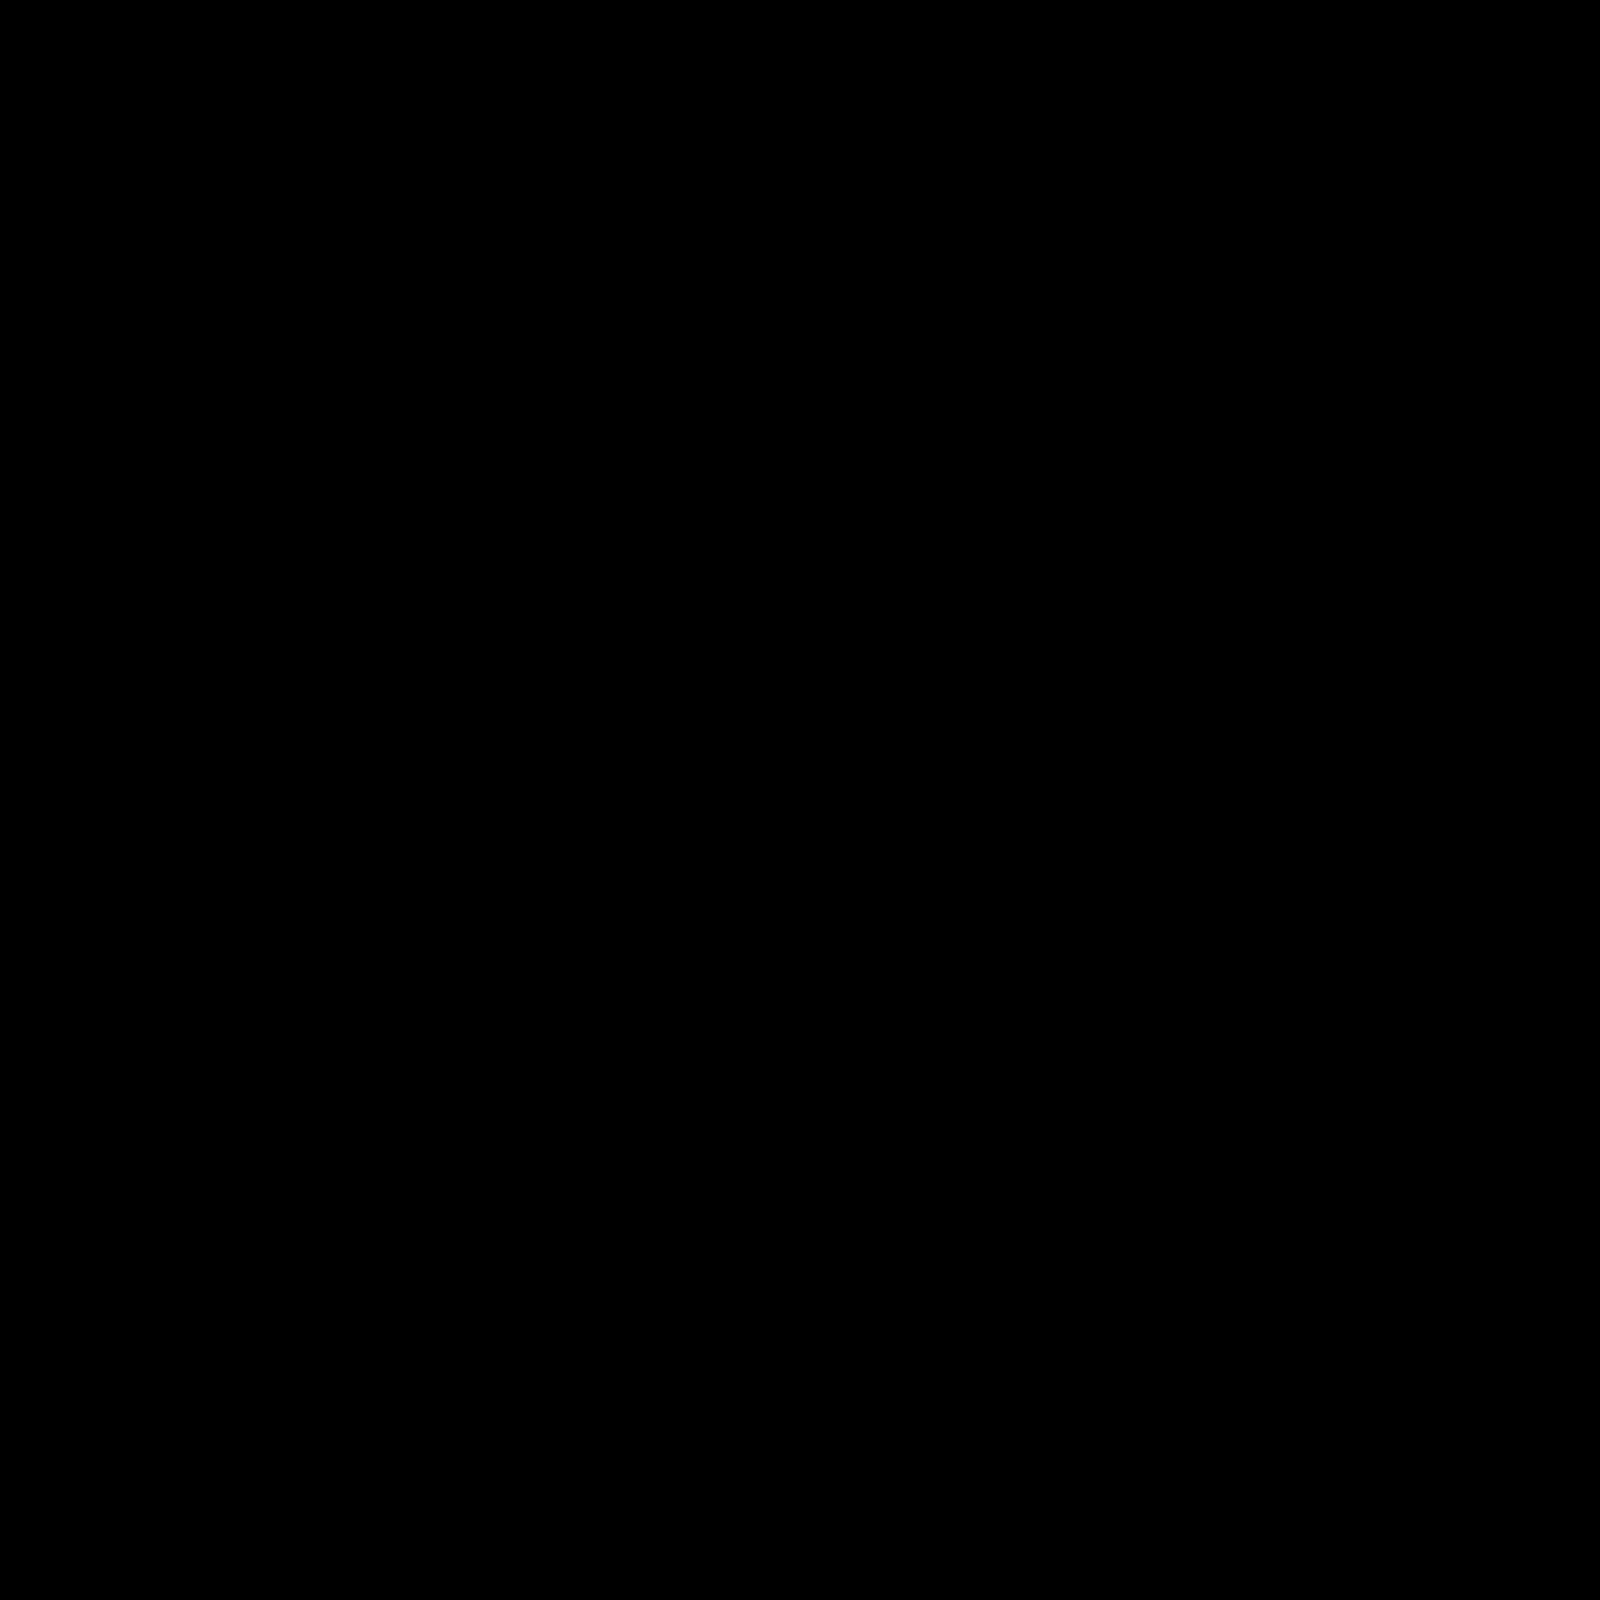 Recette De Sablés Escargots La Recette Facile: Sablés à La Lavande, Facile Et Pas Cher : Recette Sur